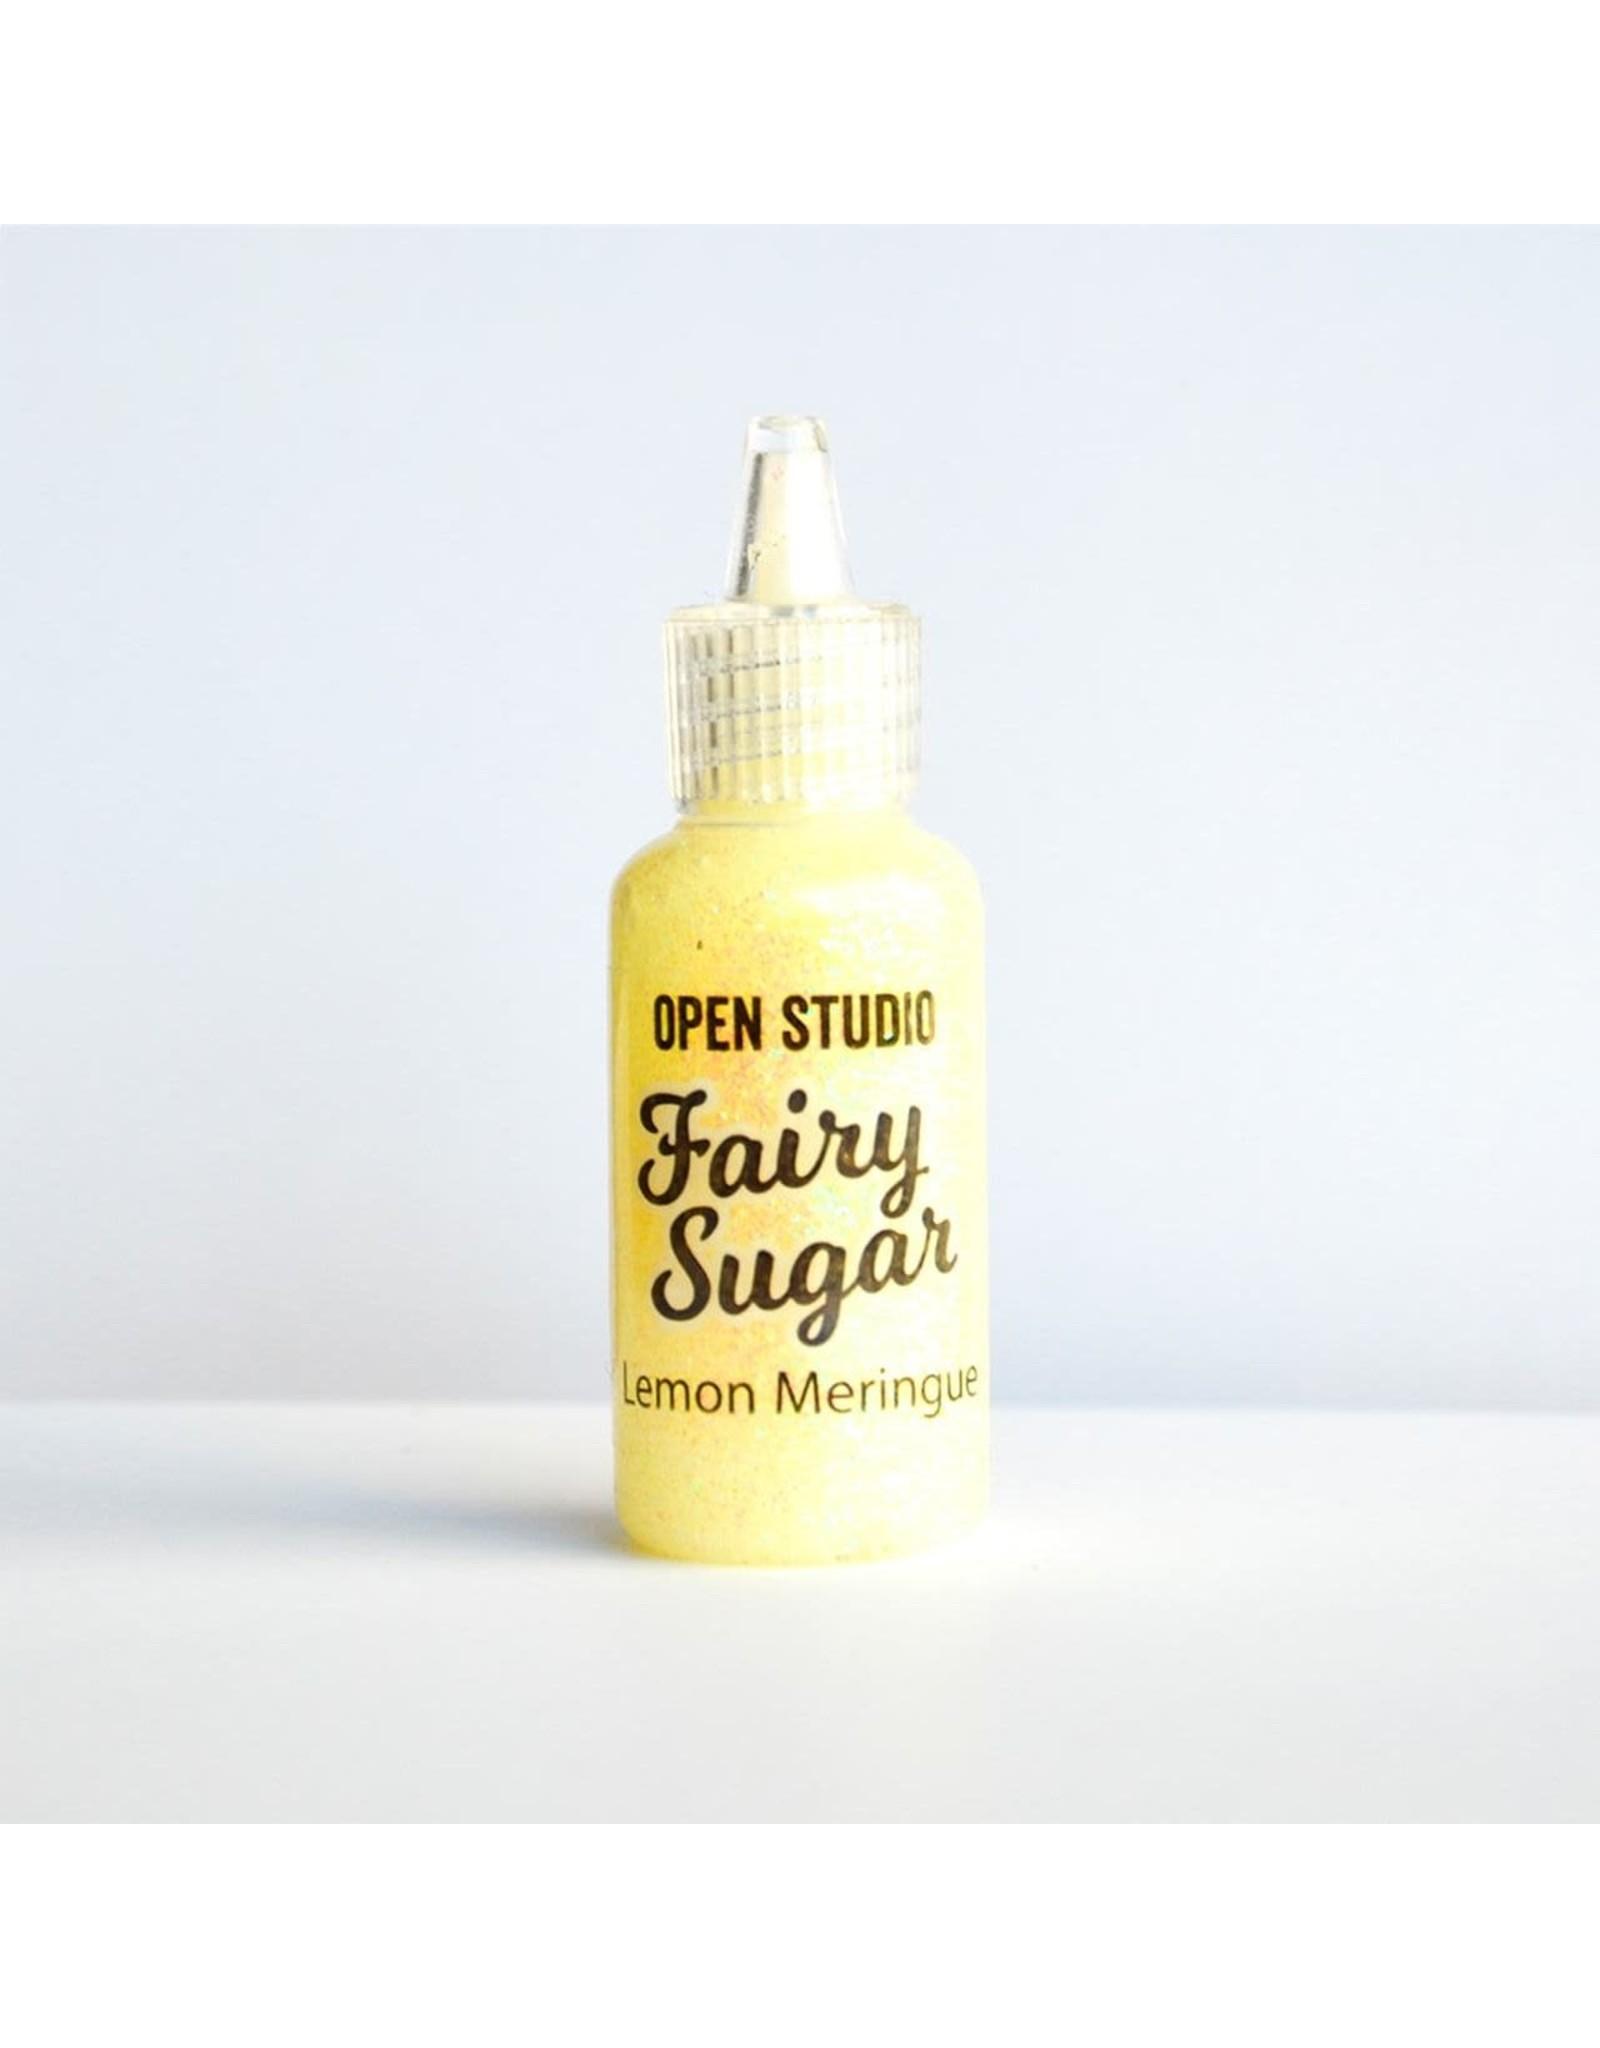 Memory Box Open Studio Fairy Sugar - Lemon Meringue